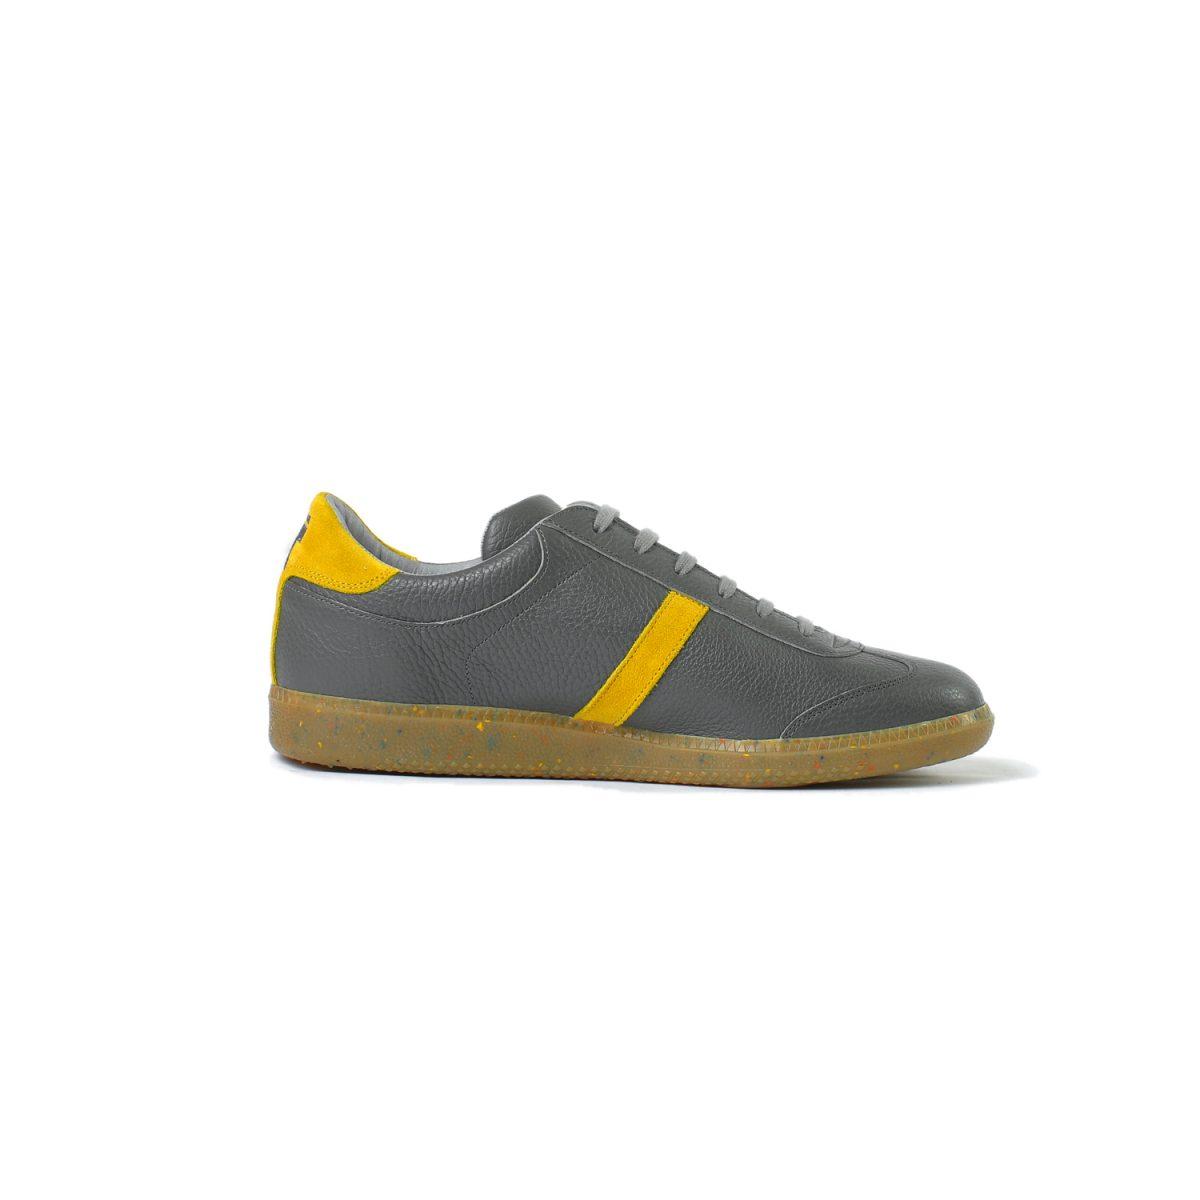 Tisza cipő - Compakt - Szürke-mustár